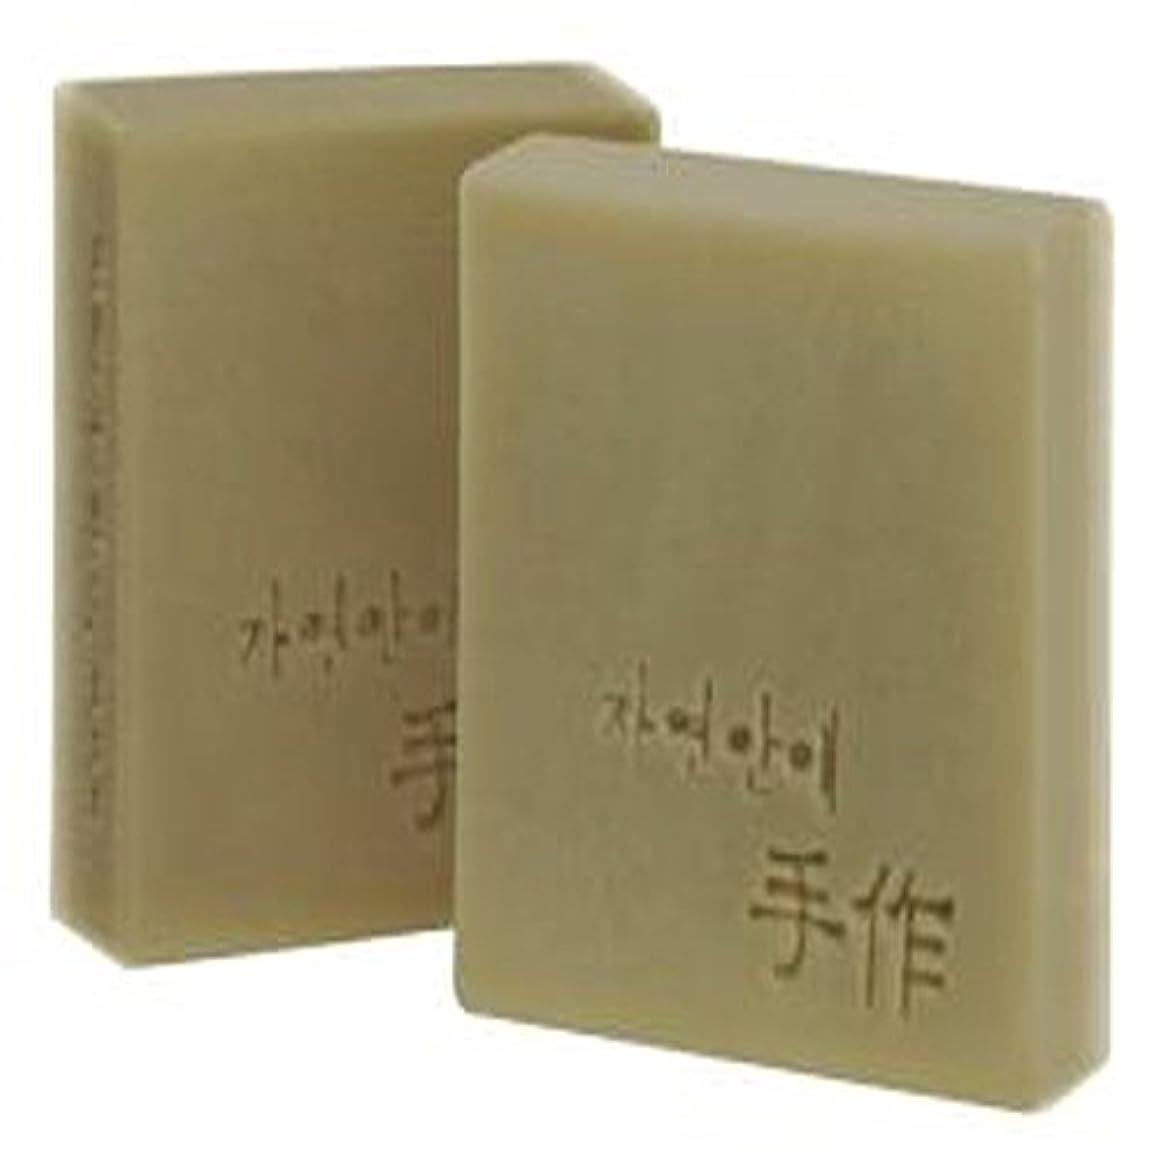 ミルクもろいエントリNatural organic 有機天然ソープ 固形 無添加 洗顔せっけんクレンジング 石鹸 [並行輸入品] (穀物)